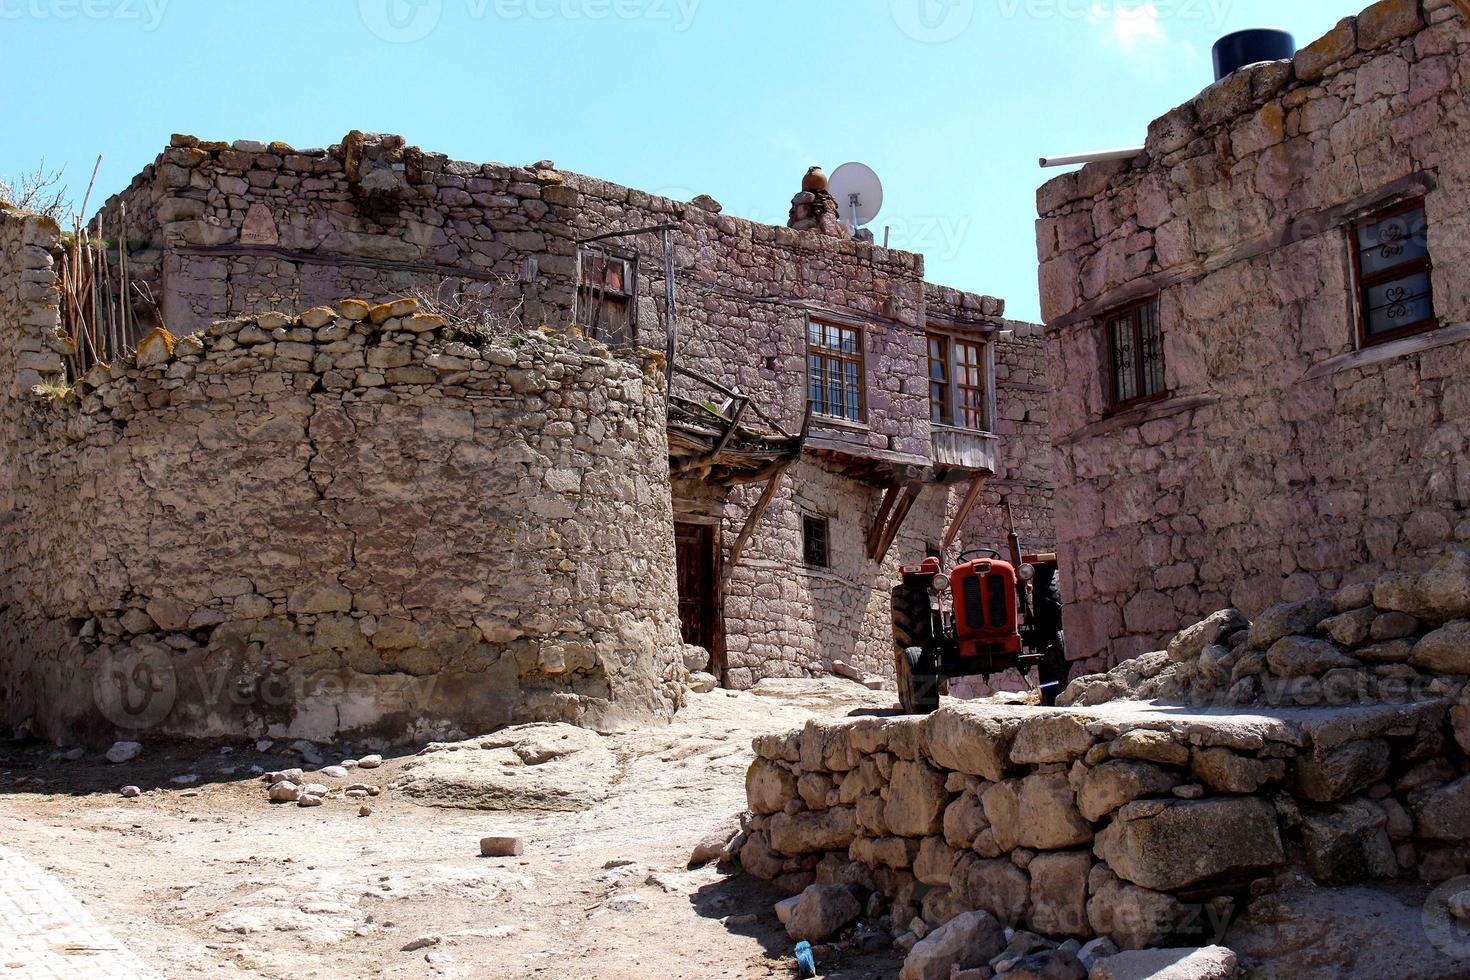 casas de adobe em uma antiga vila foto